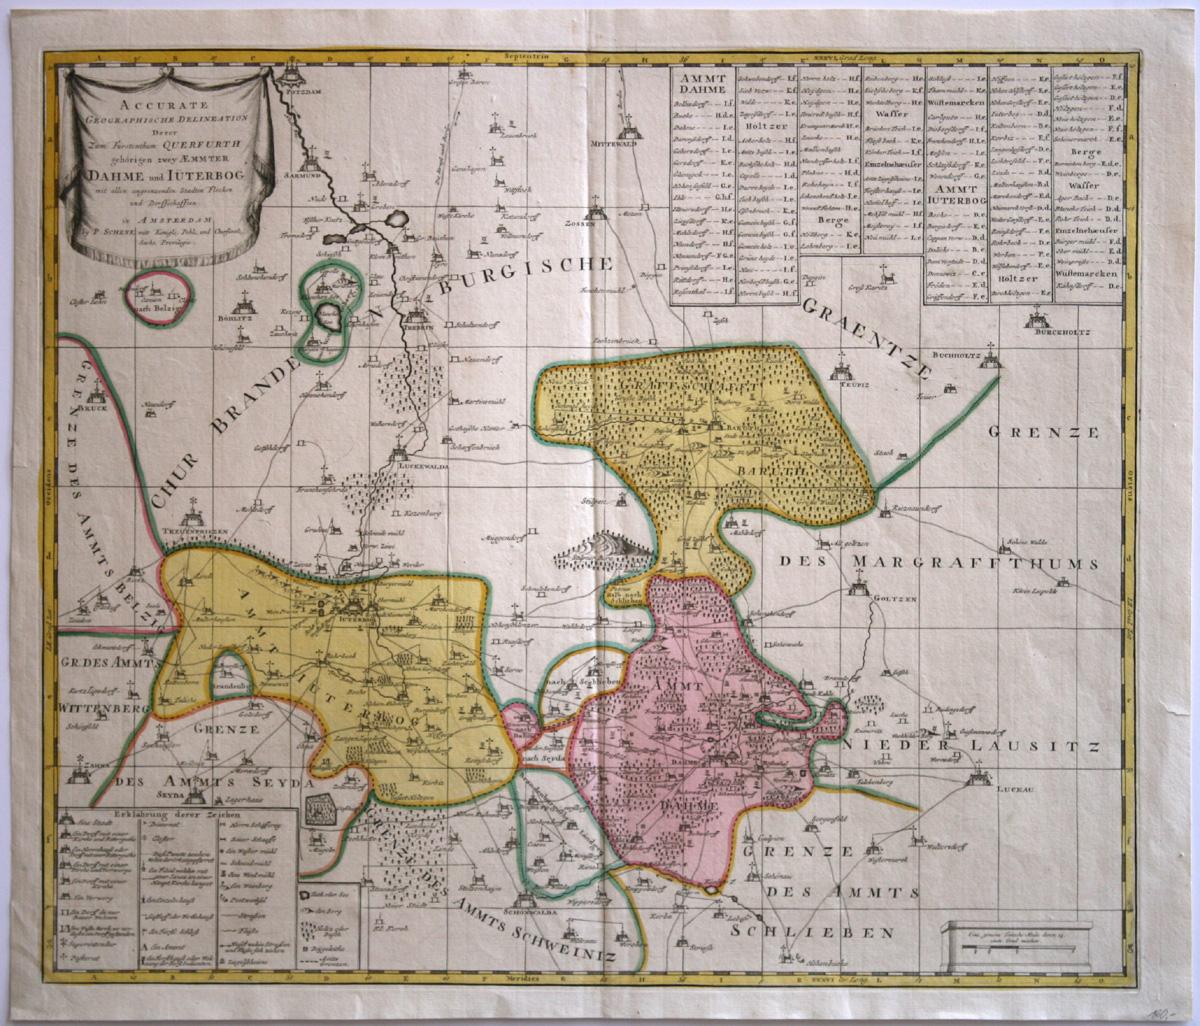 Peter Schenk d. J., Karte der  Ämter Dahme und Jüterbog